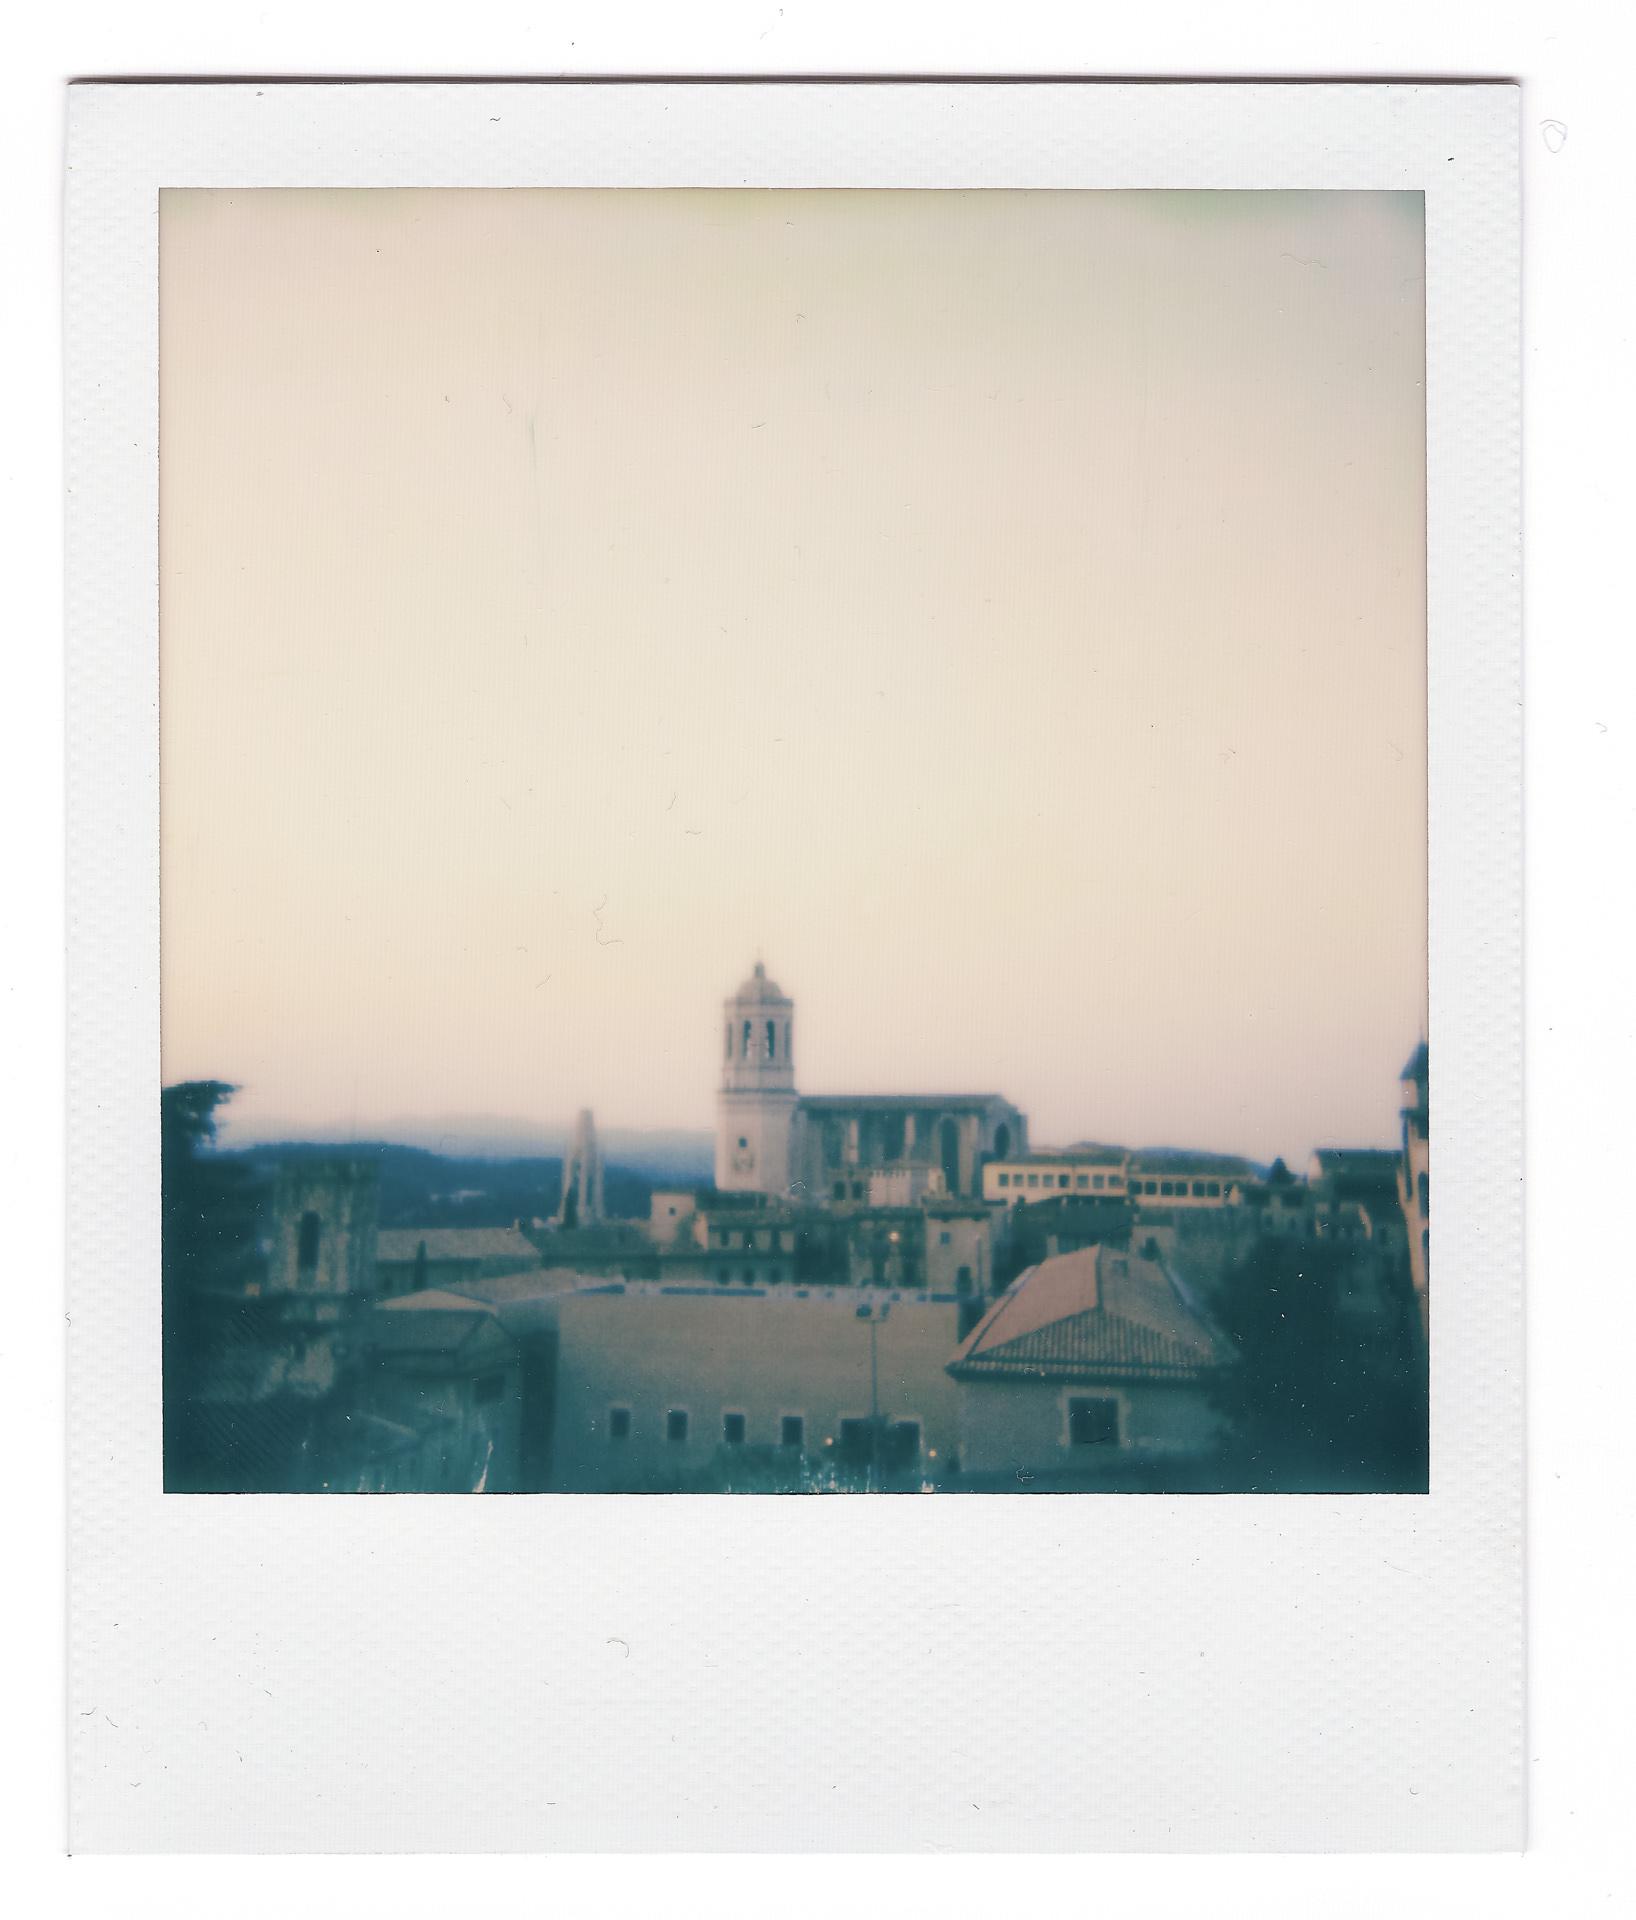 Girona-Polaroid 3.jpg